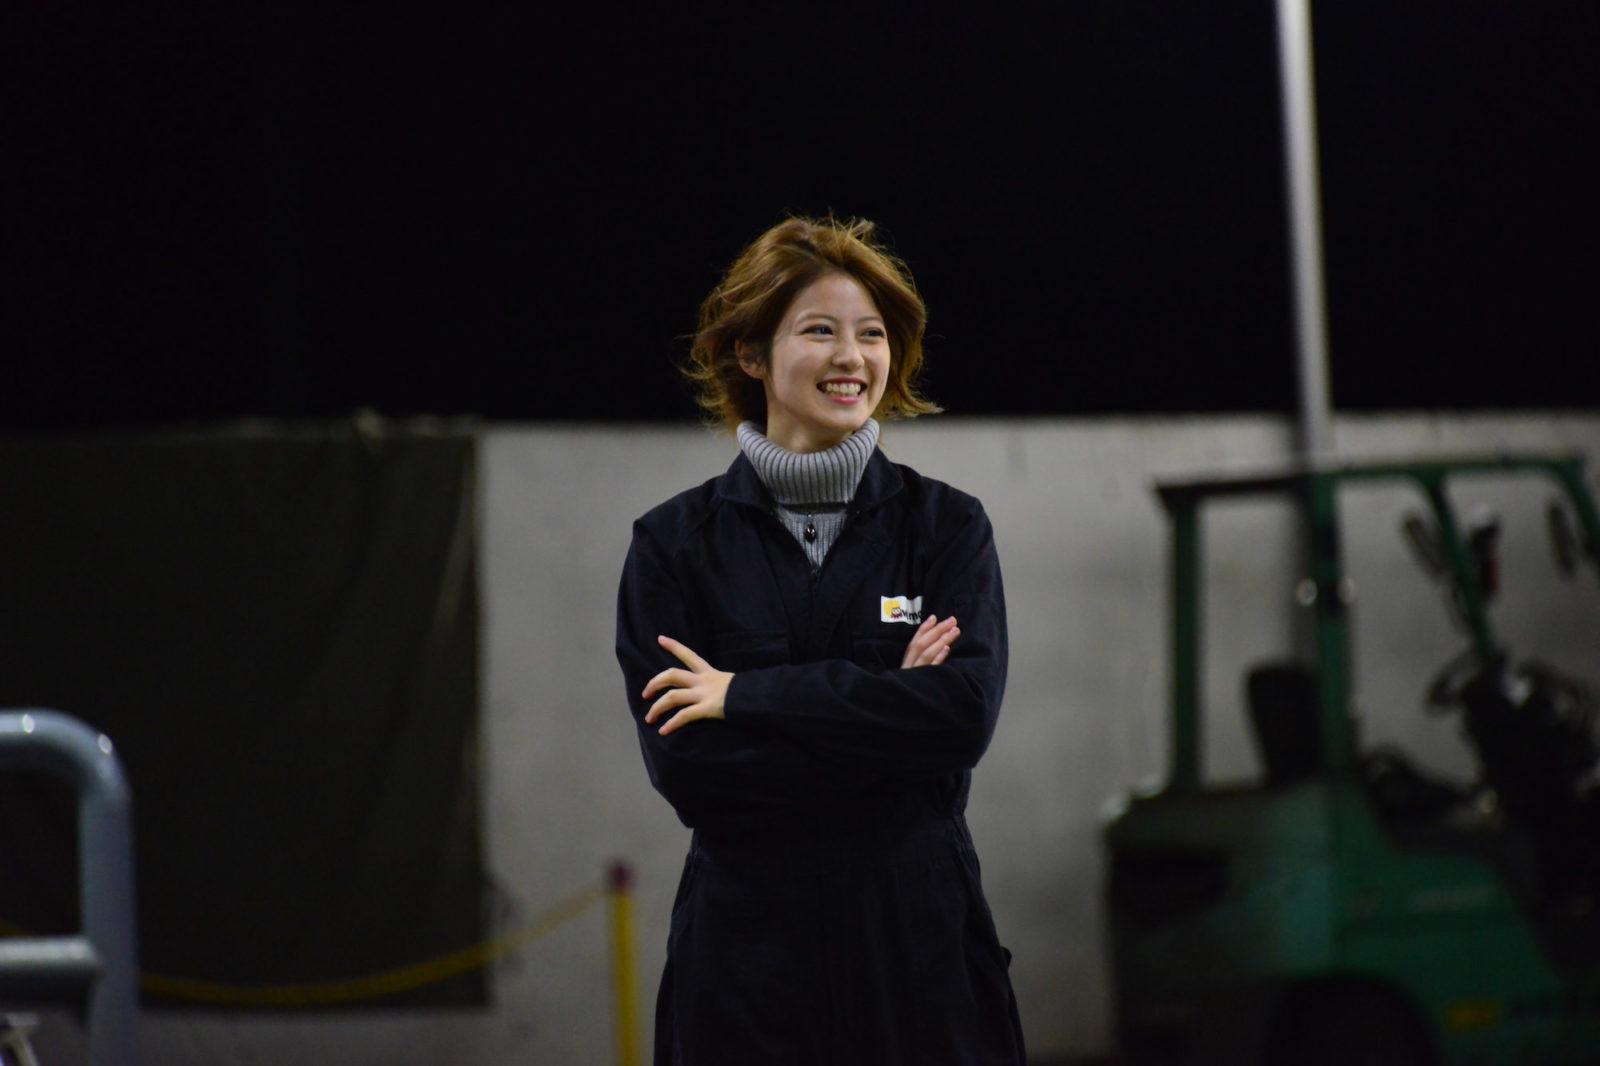 映画・ドラマで活躍!人気急上昇中の今田美桜が仕事とこれからについて語る「もっともっといろんな役に挑戦していきたい」【インタビュー】画像48917